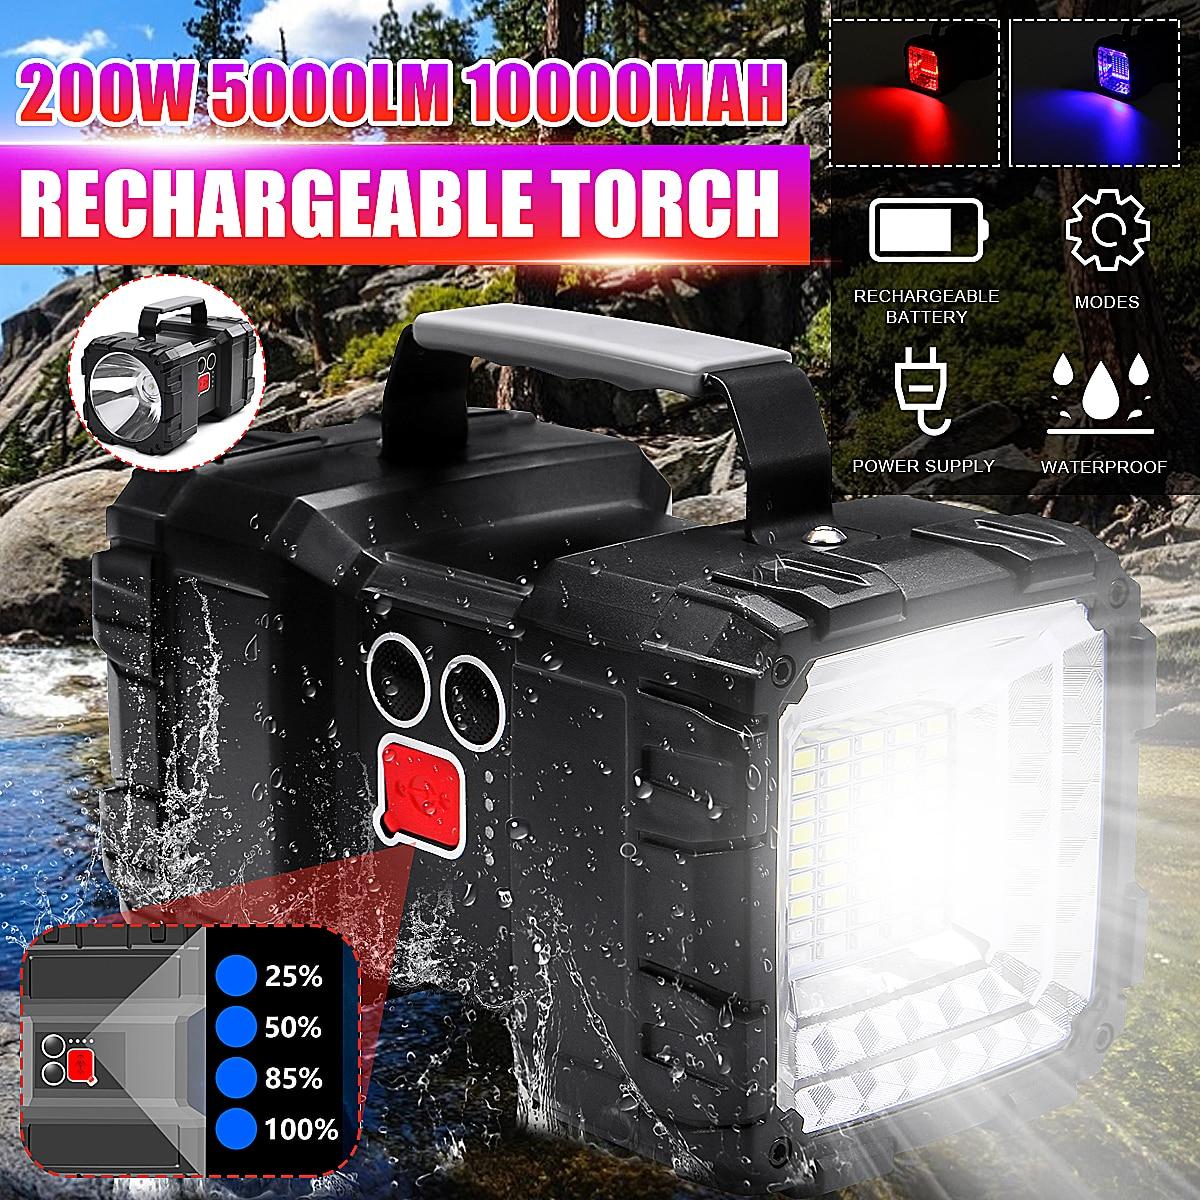 5000LM Super helle Leistungsstarke USB LED taschenlampe Suche taschenlampen nacht licht lampe hand Camping laterne akku